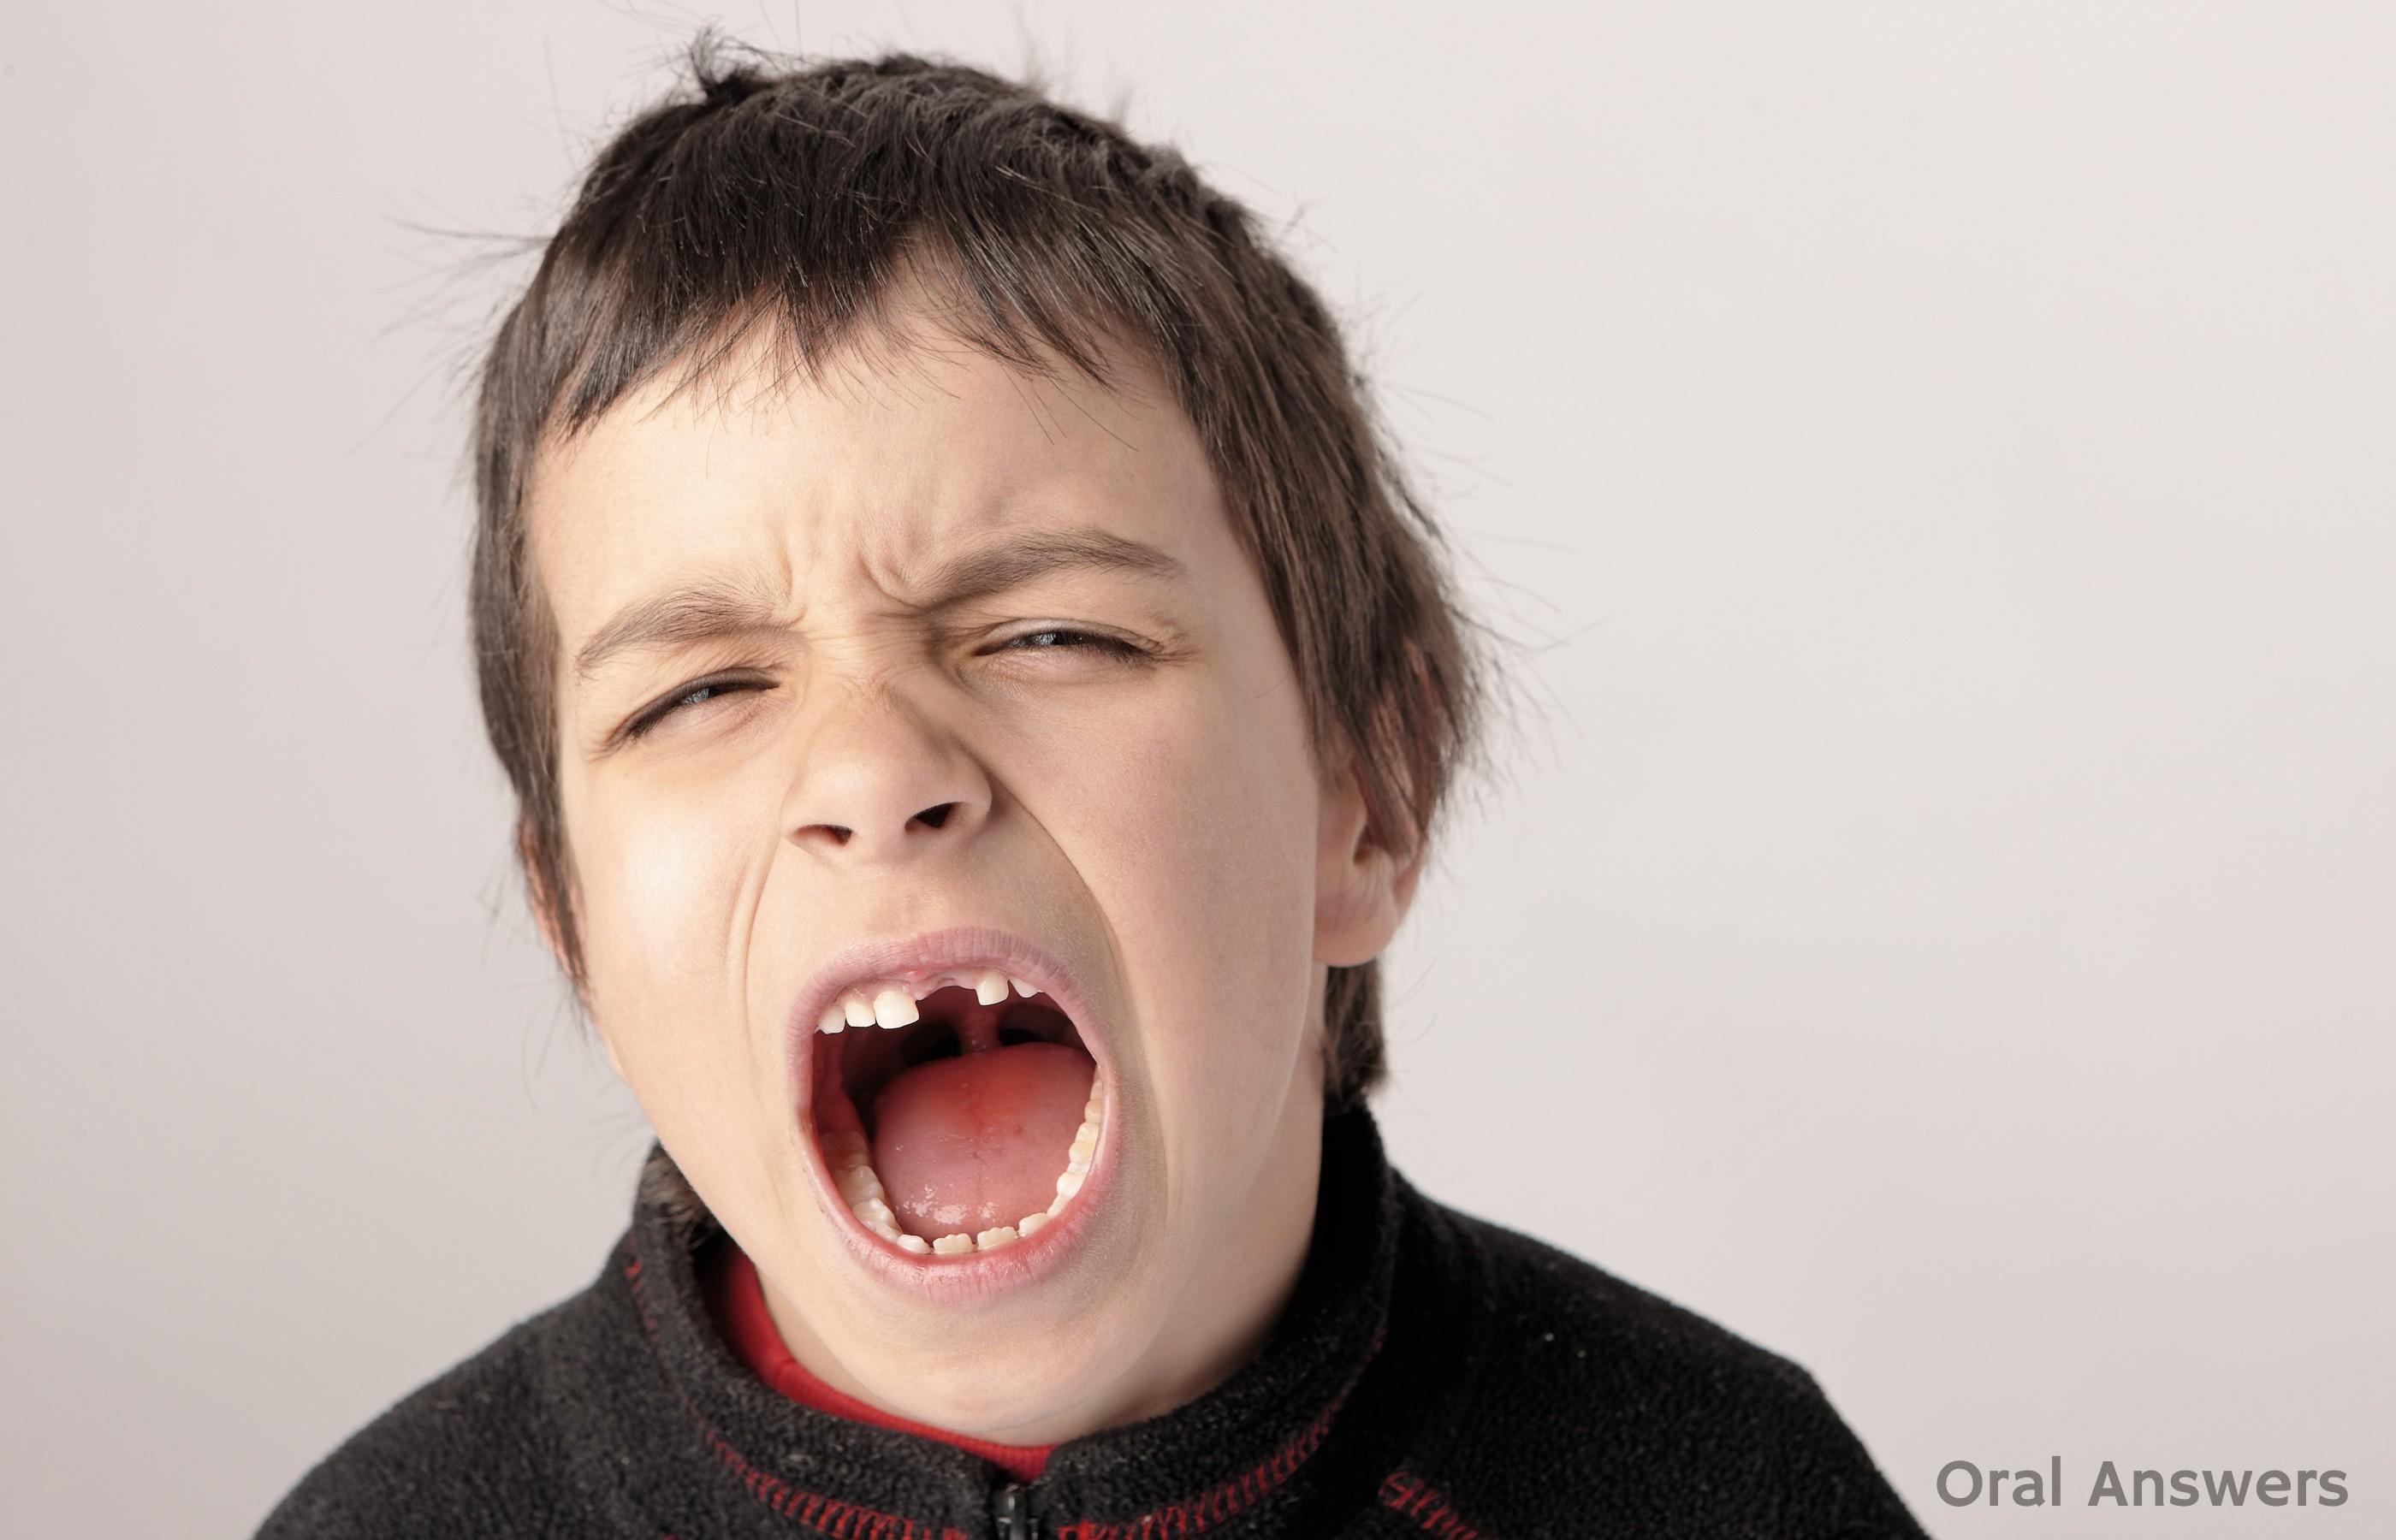 Crianca Dente Quebrado 1